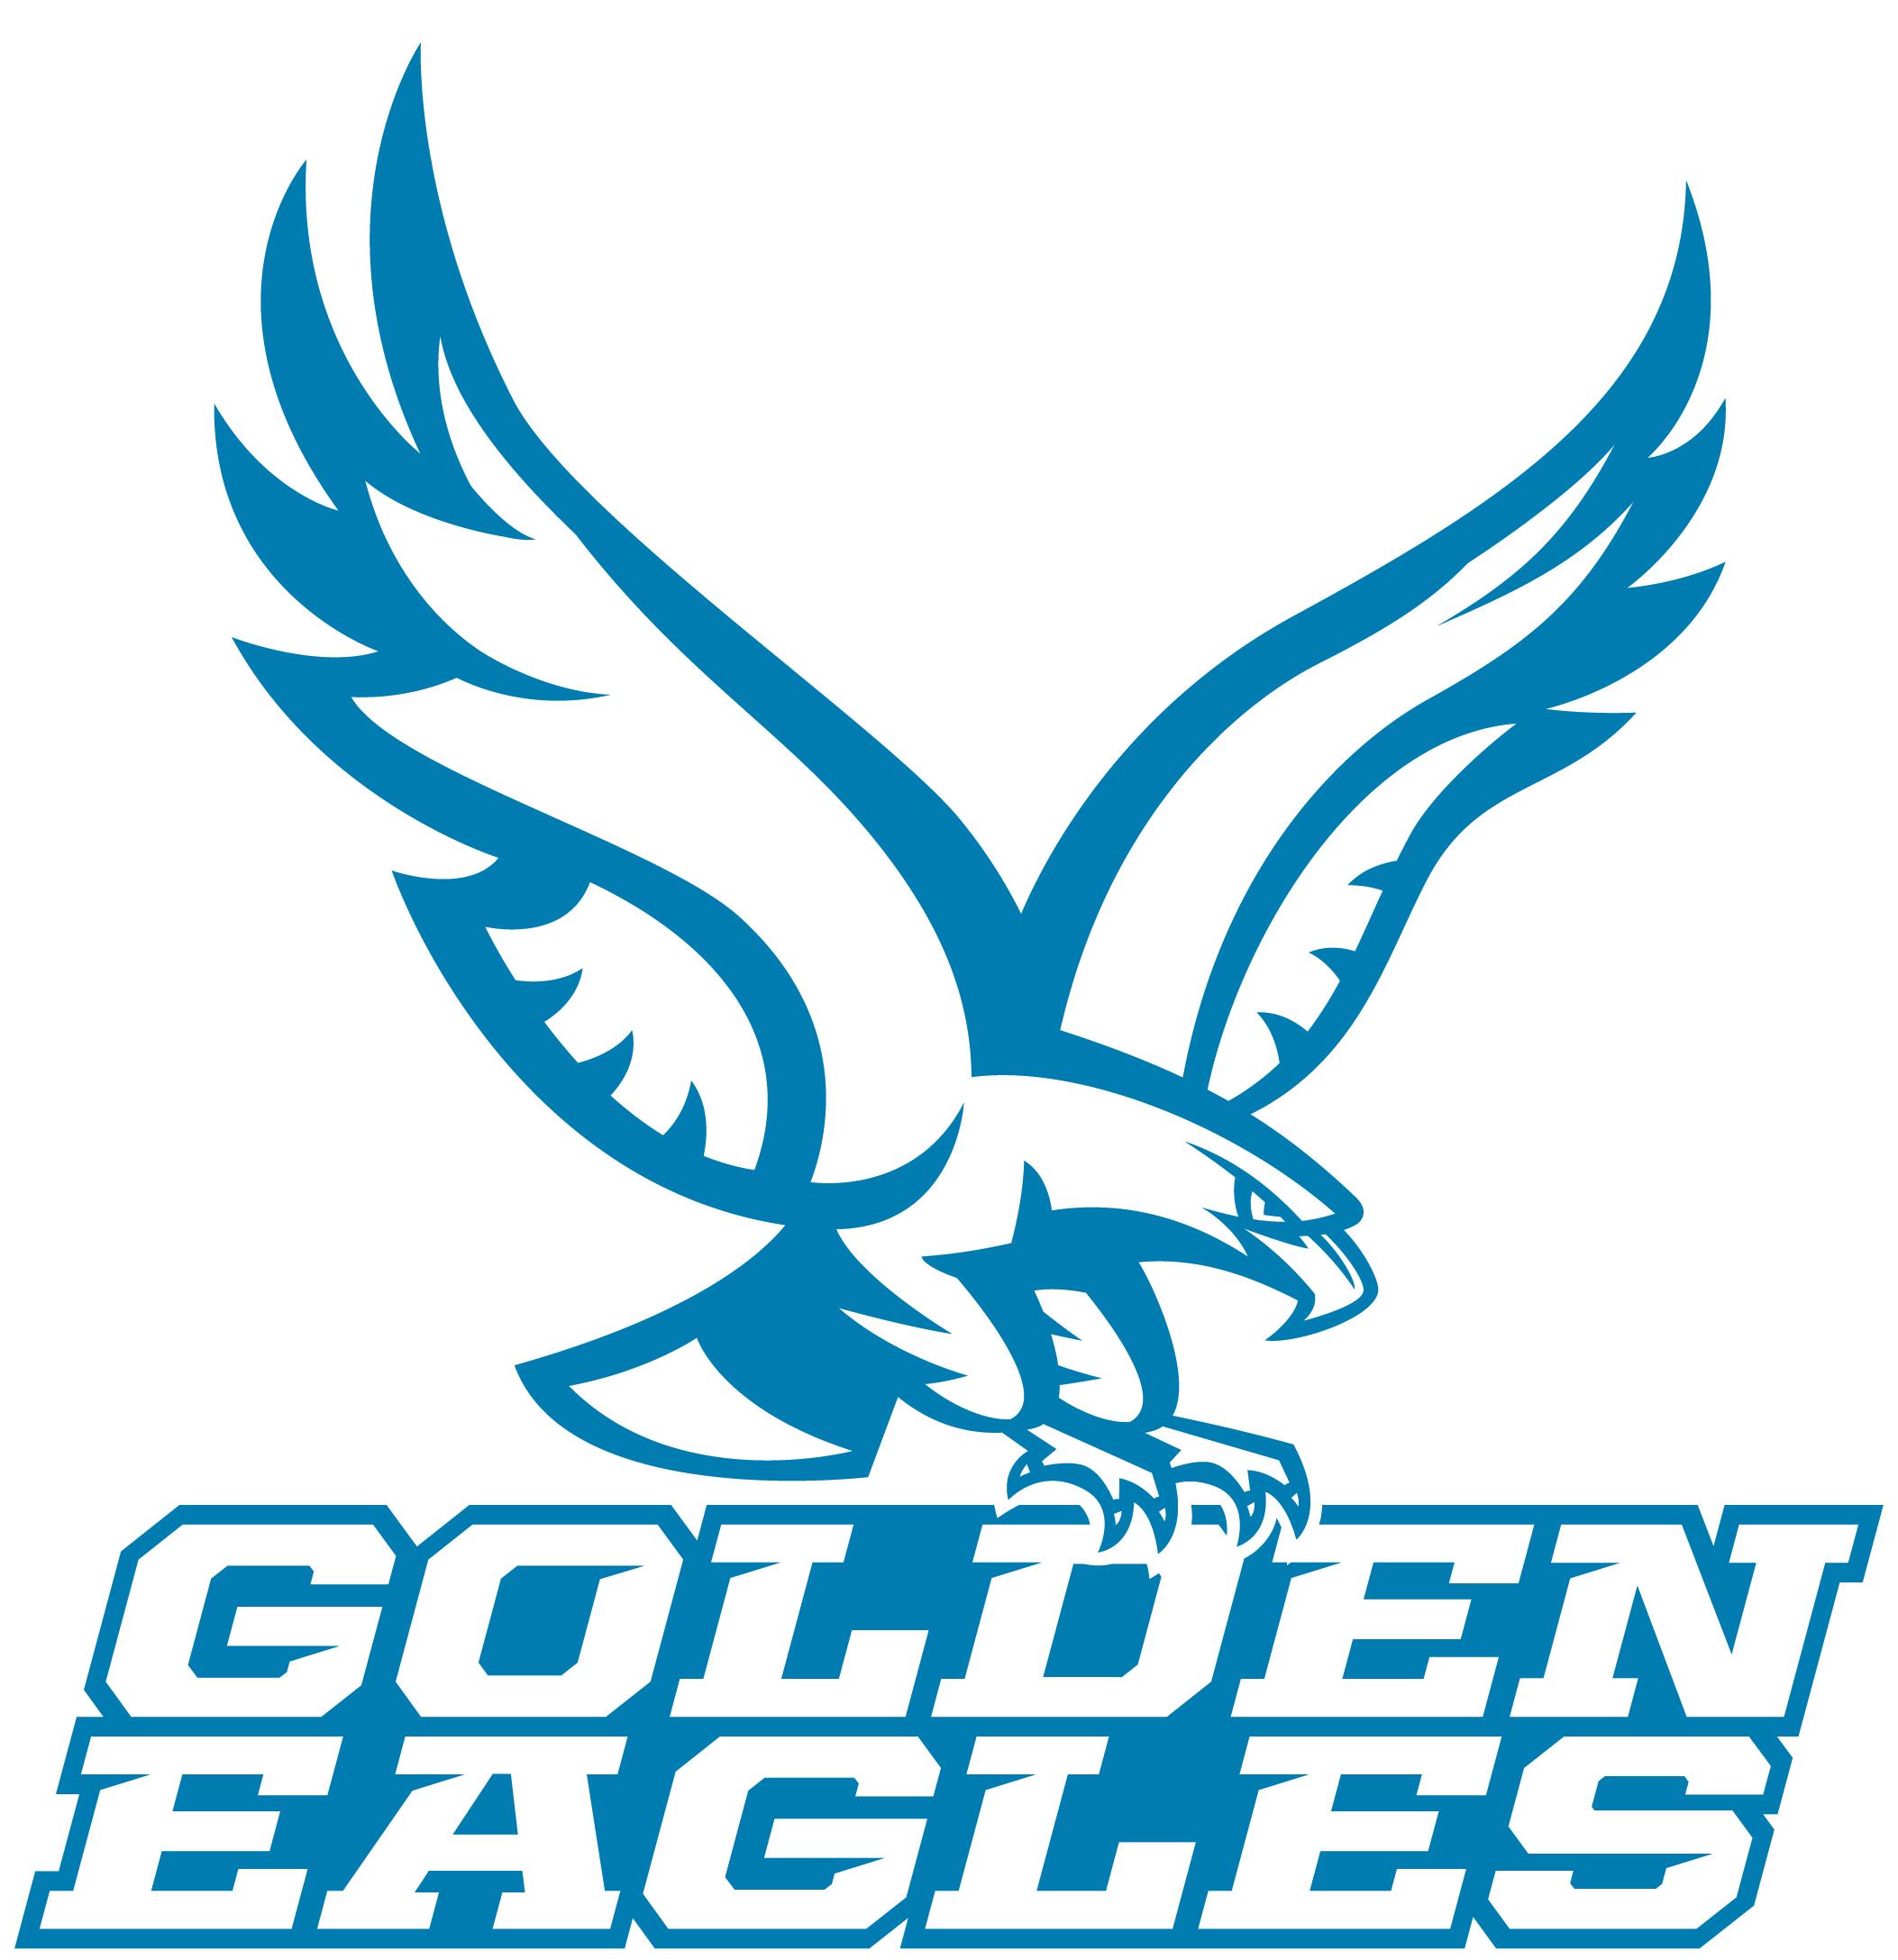 athletic logos about us holy family catholic schools